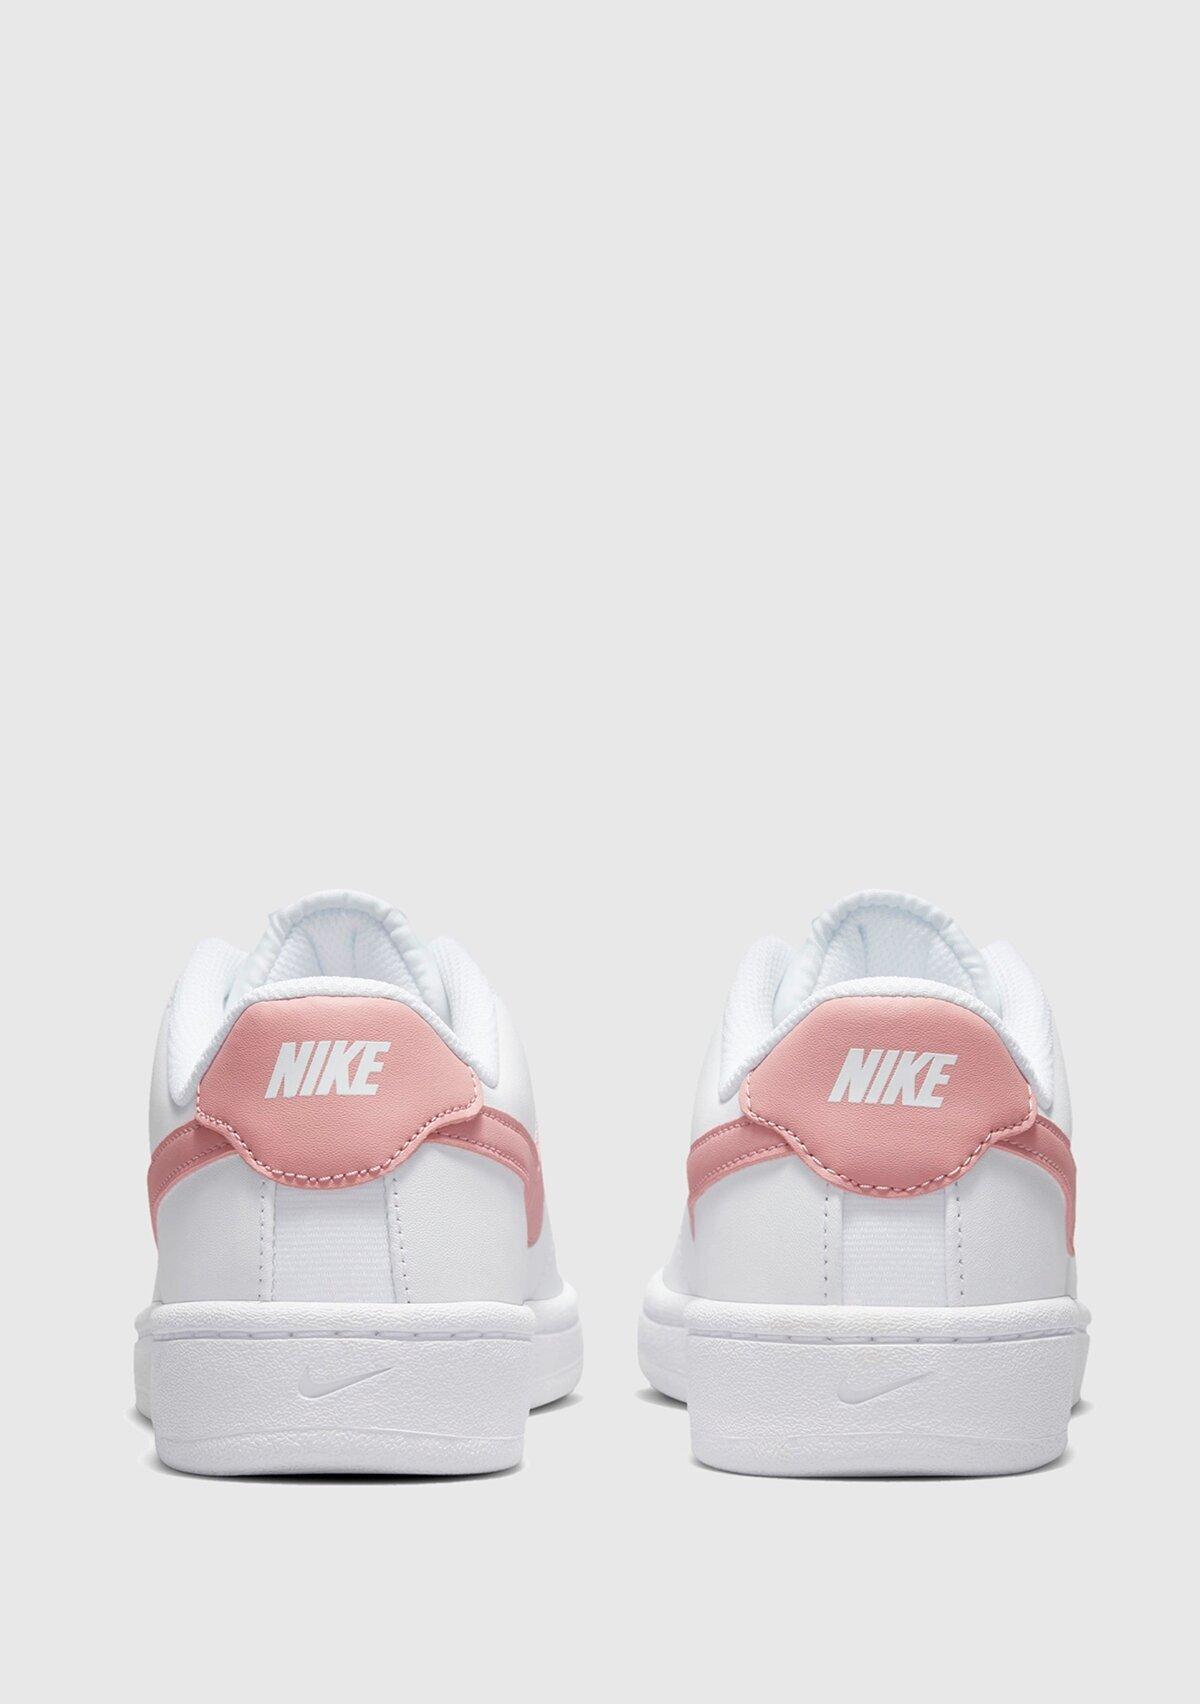 resm Wmnscourt Royale 2 Beyaz-Pembe Kadın Sneaker Cu903